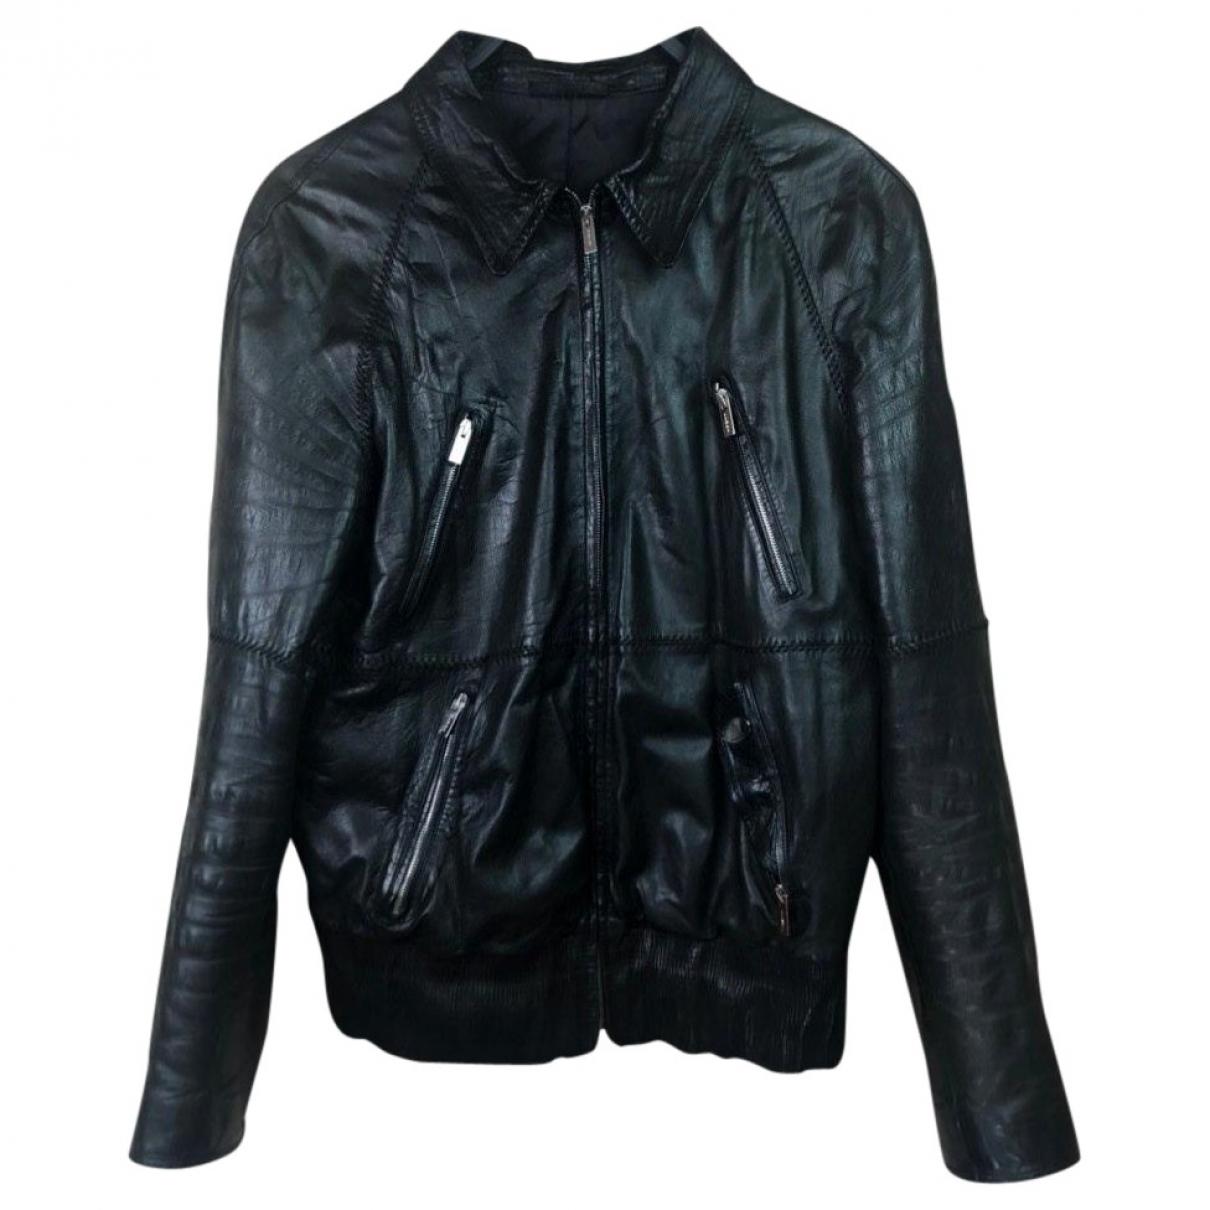 Fendi \N Black Leather jacket  for Men L International